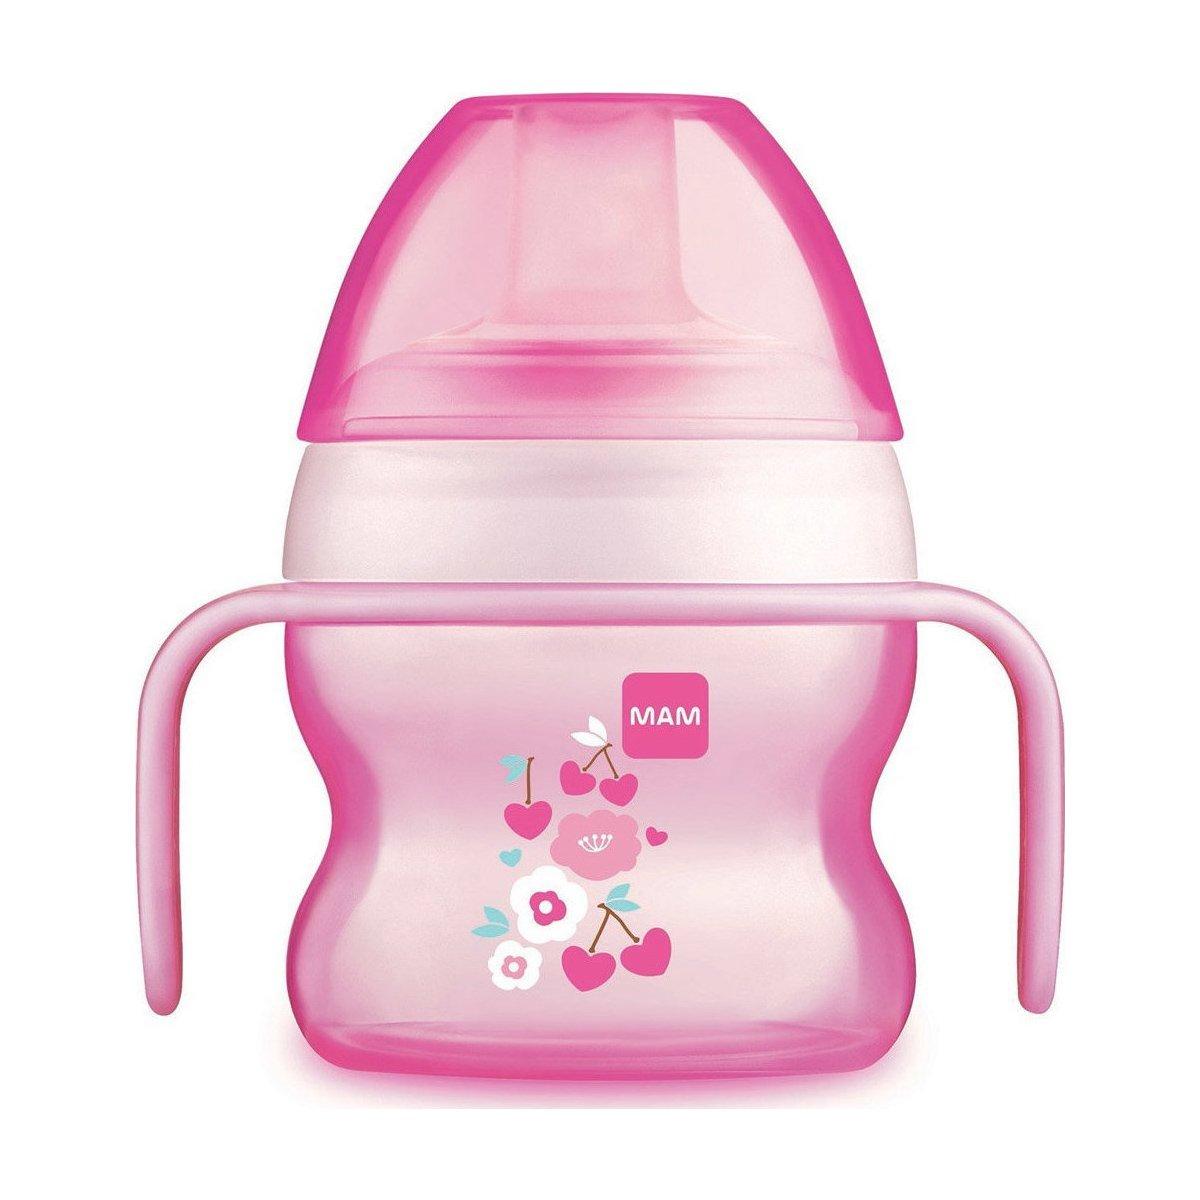 Mam Starter Cup Κωδ 462 Το Πρώτο Ποτηράκι του Μωρού, με Χερουλάκια για Αυτόνομο Κράτημα & Πολύ Μαλακό Στόμιο από 4+ Μηνών 150ml – ροζ